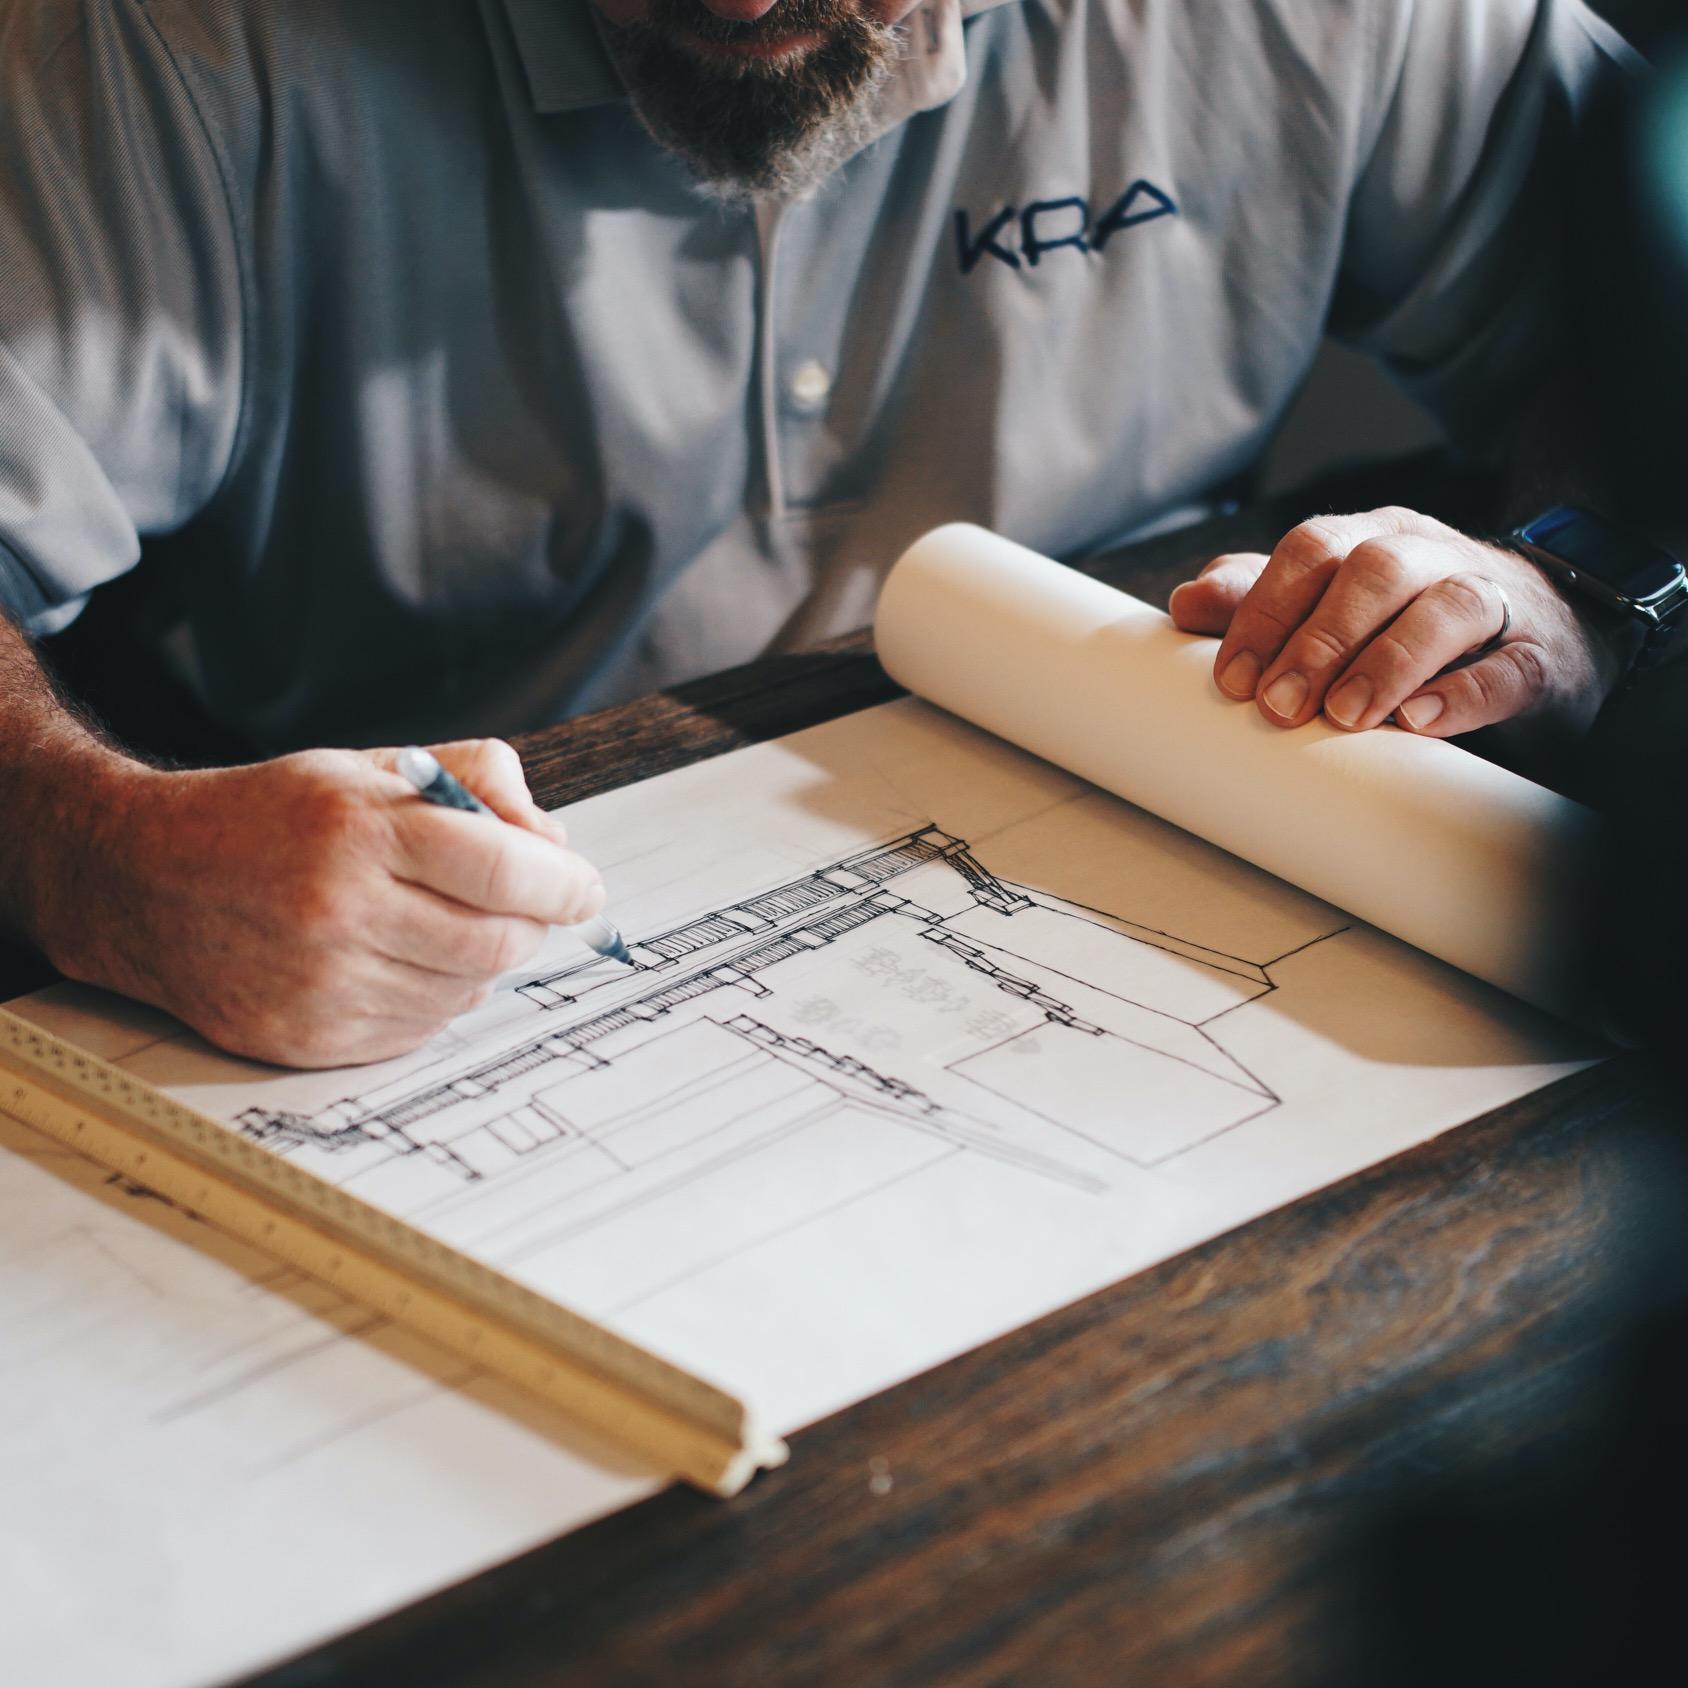 Impression plans d'architecte